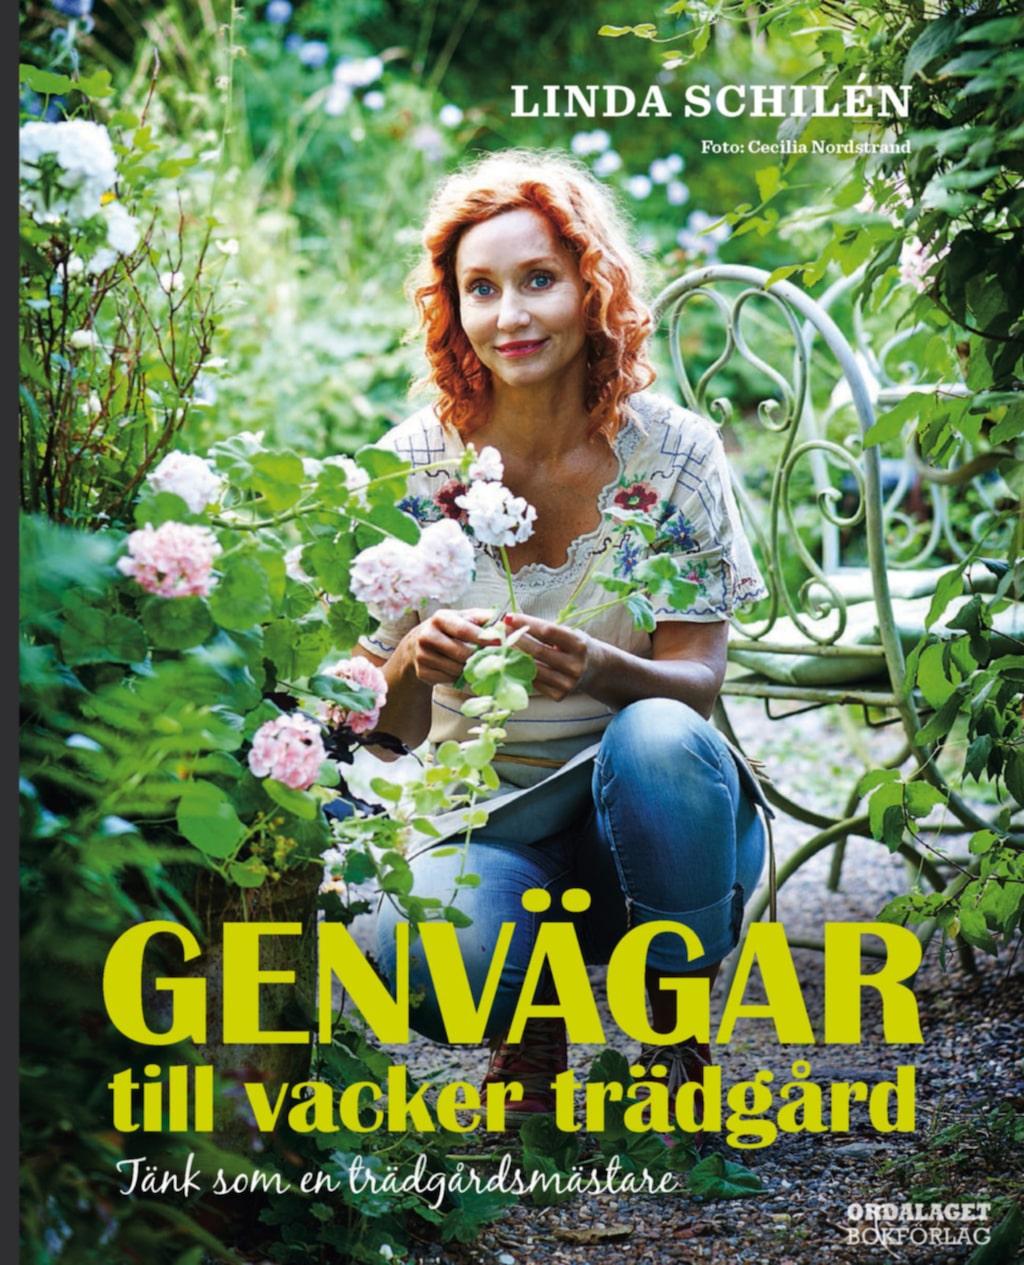 """Boken """"Genvägar till vacker trädgård"""" (Ordalaget bokförlag) av Linda Schilén."""